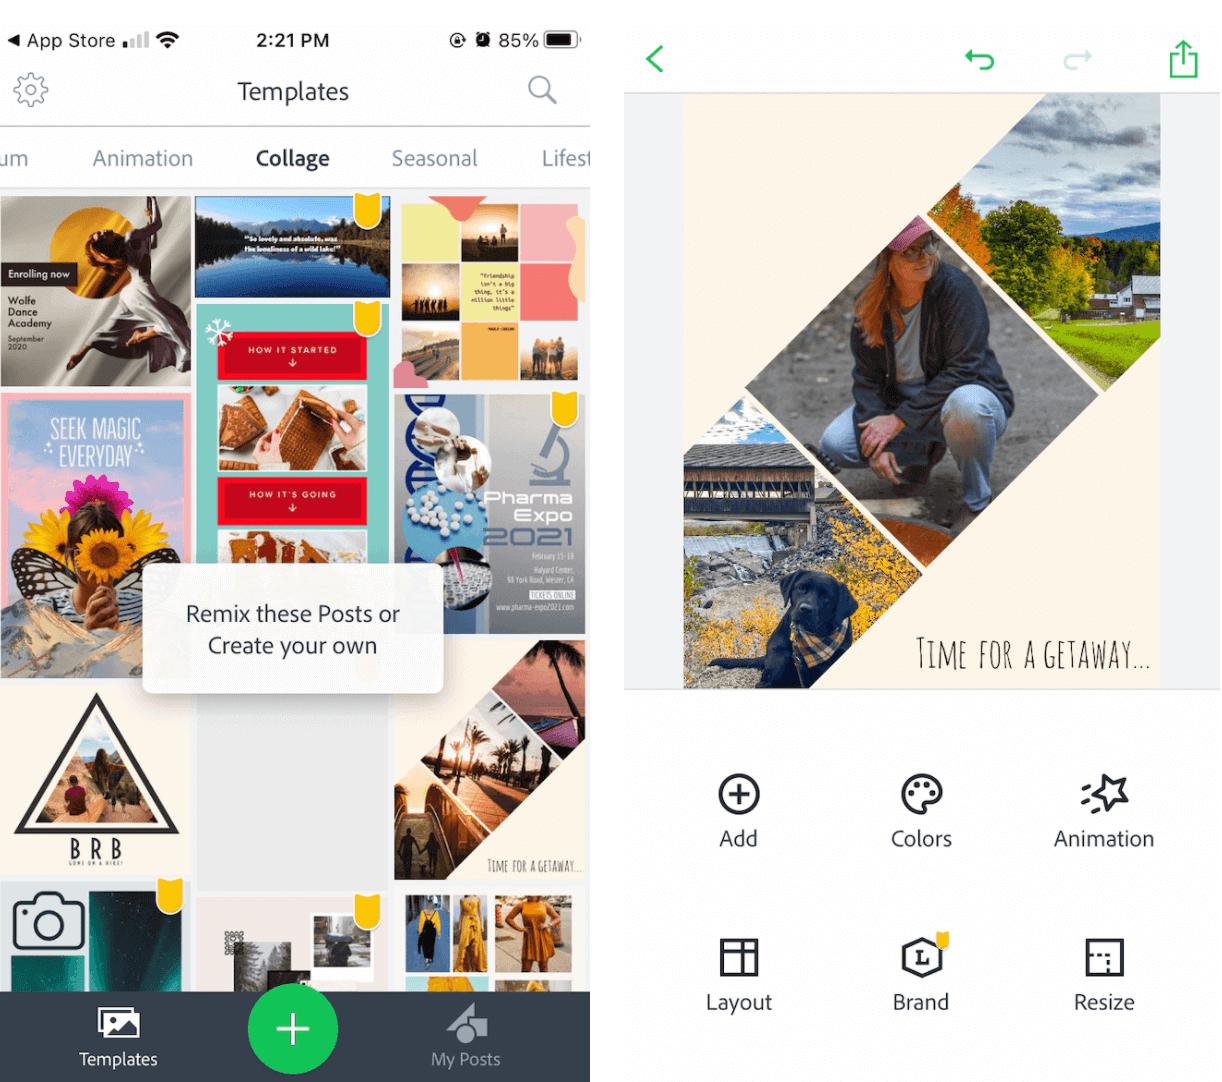 Giao diện ứng dụng ghép ảnh Adobe Spark Post